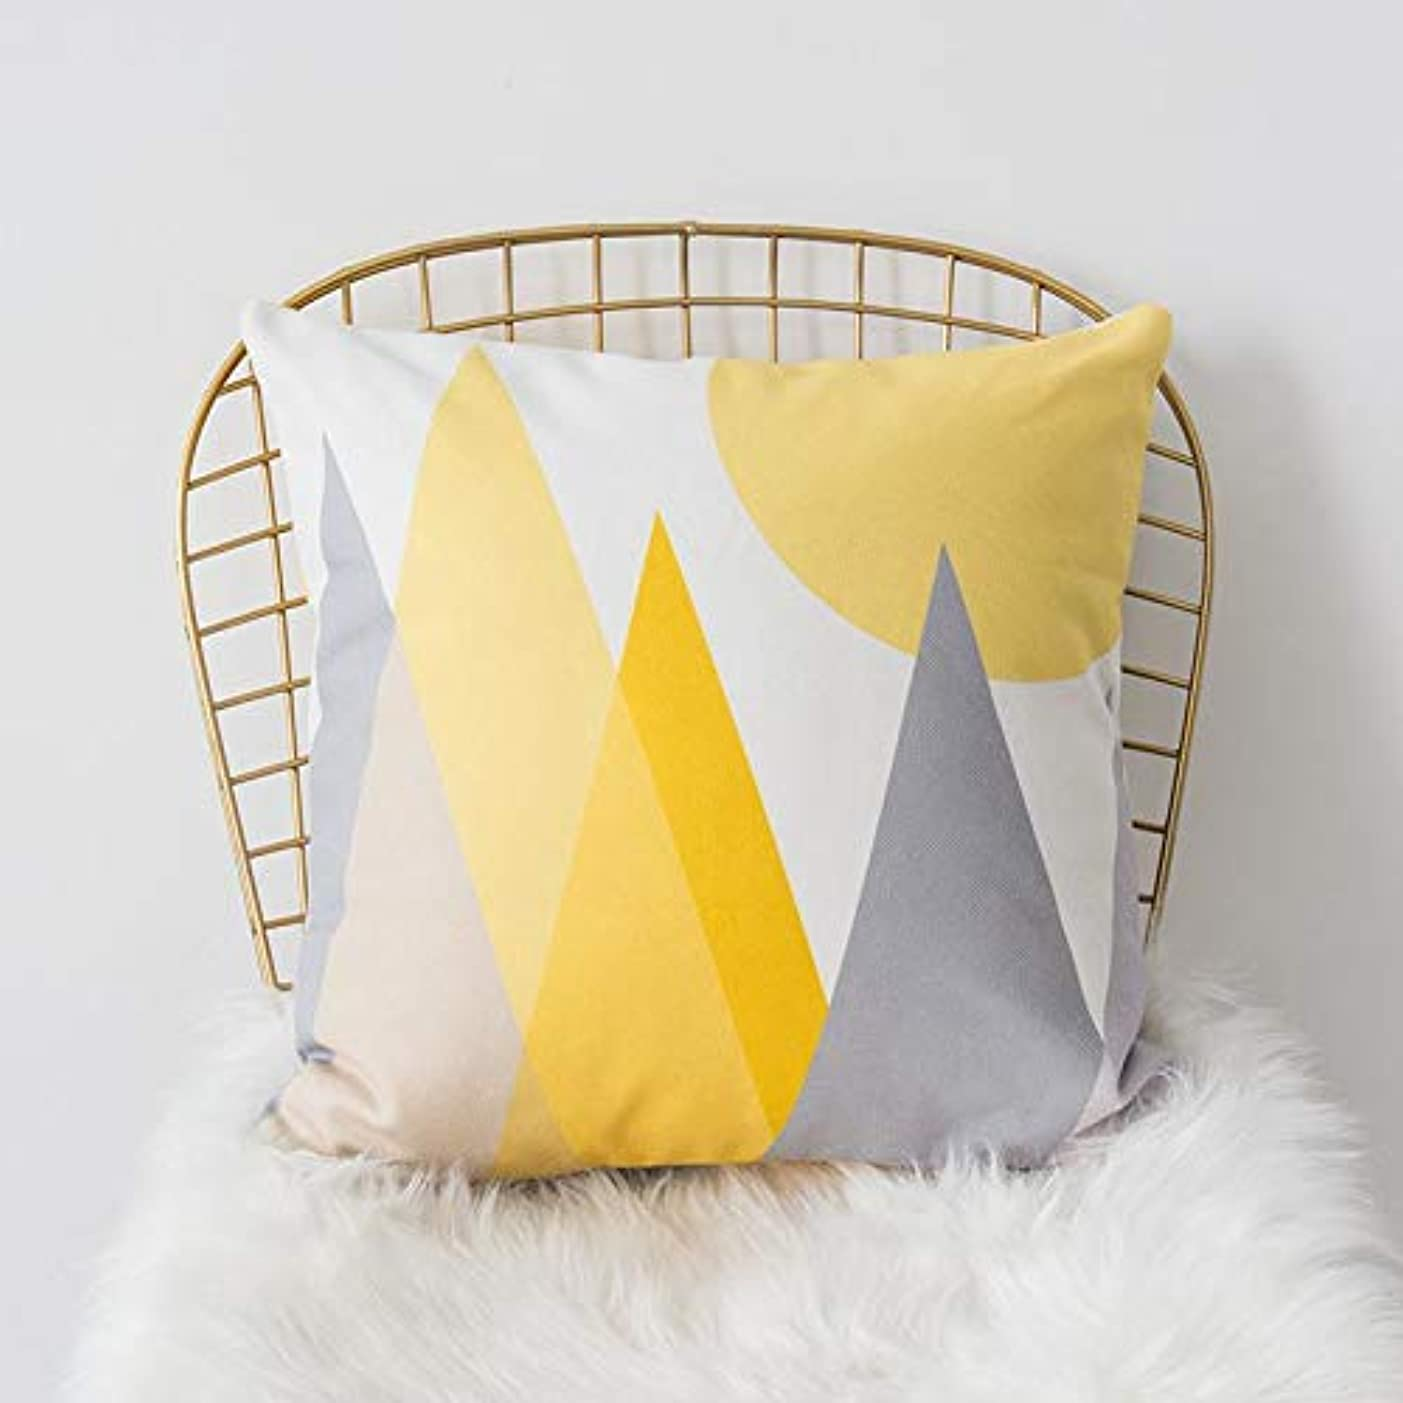 散文生態学本当のことを言うとLIFE 黄色グレー枕北欧スタイル黄色ヘラジカ幾何枕リビングルームのインテリアソファクッション Cojines 装飾良質 クッション 椅子